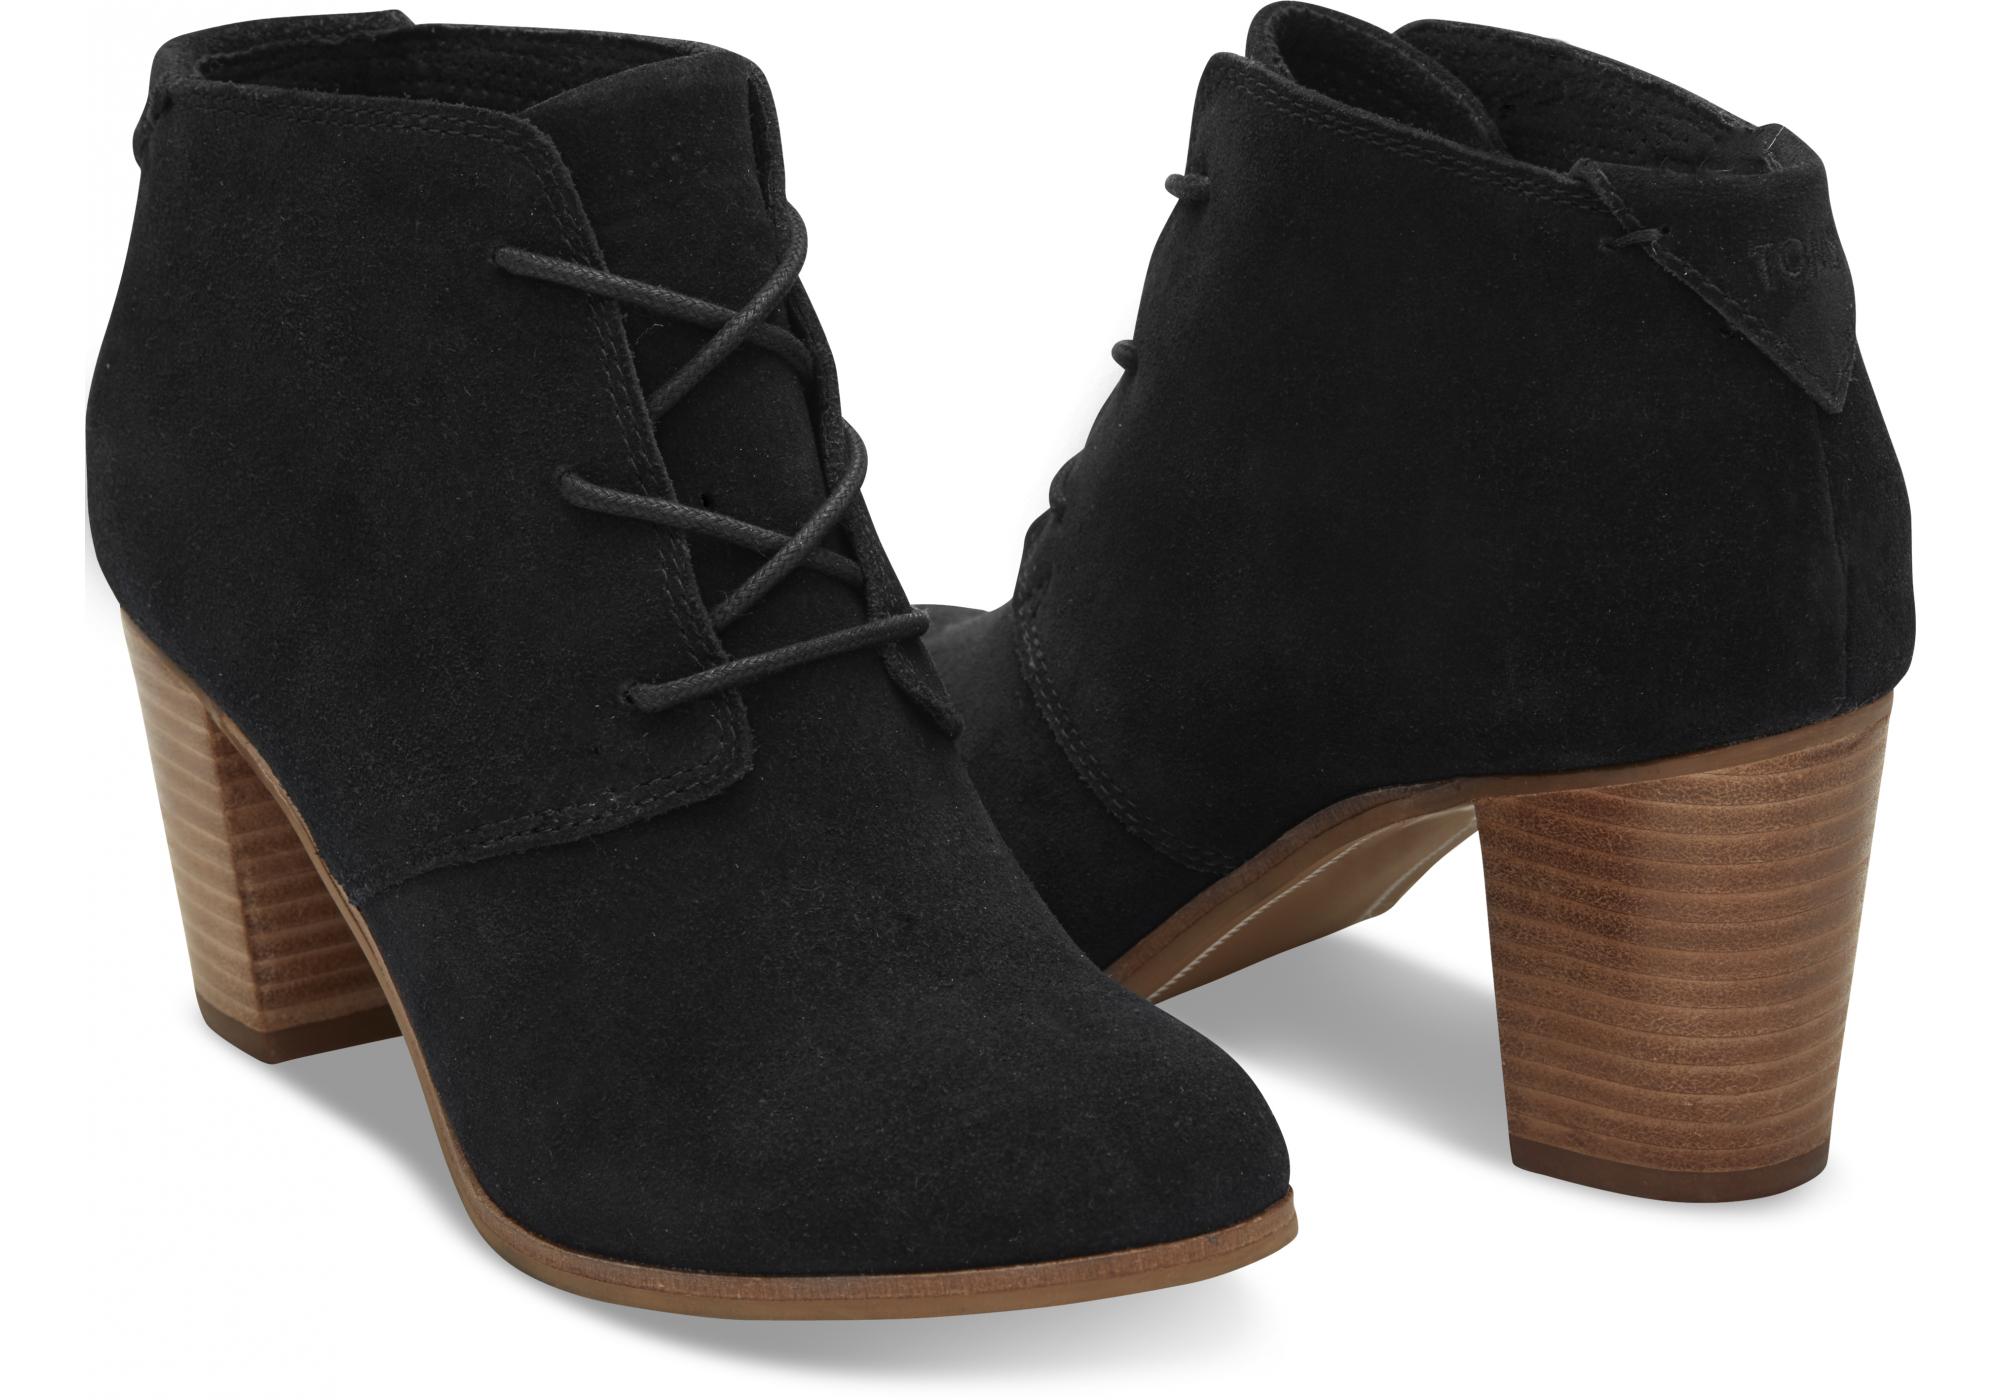 8e89f67ae687 Černé dámské kotníkové boty TOMS Lunata